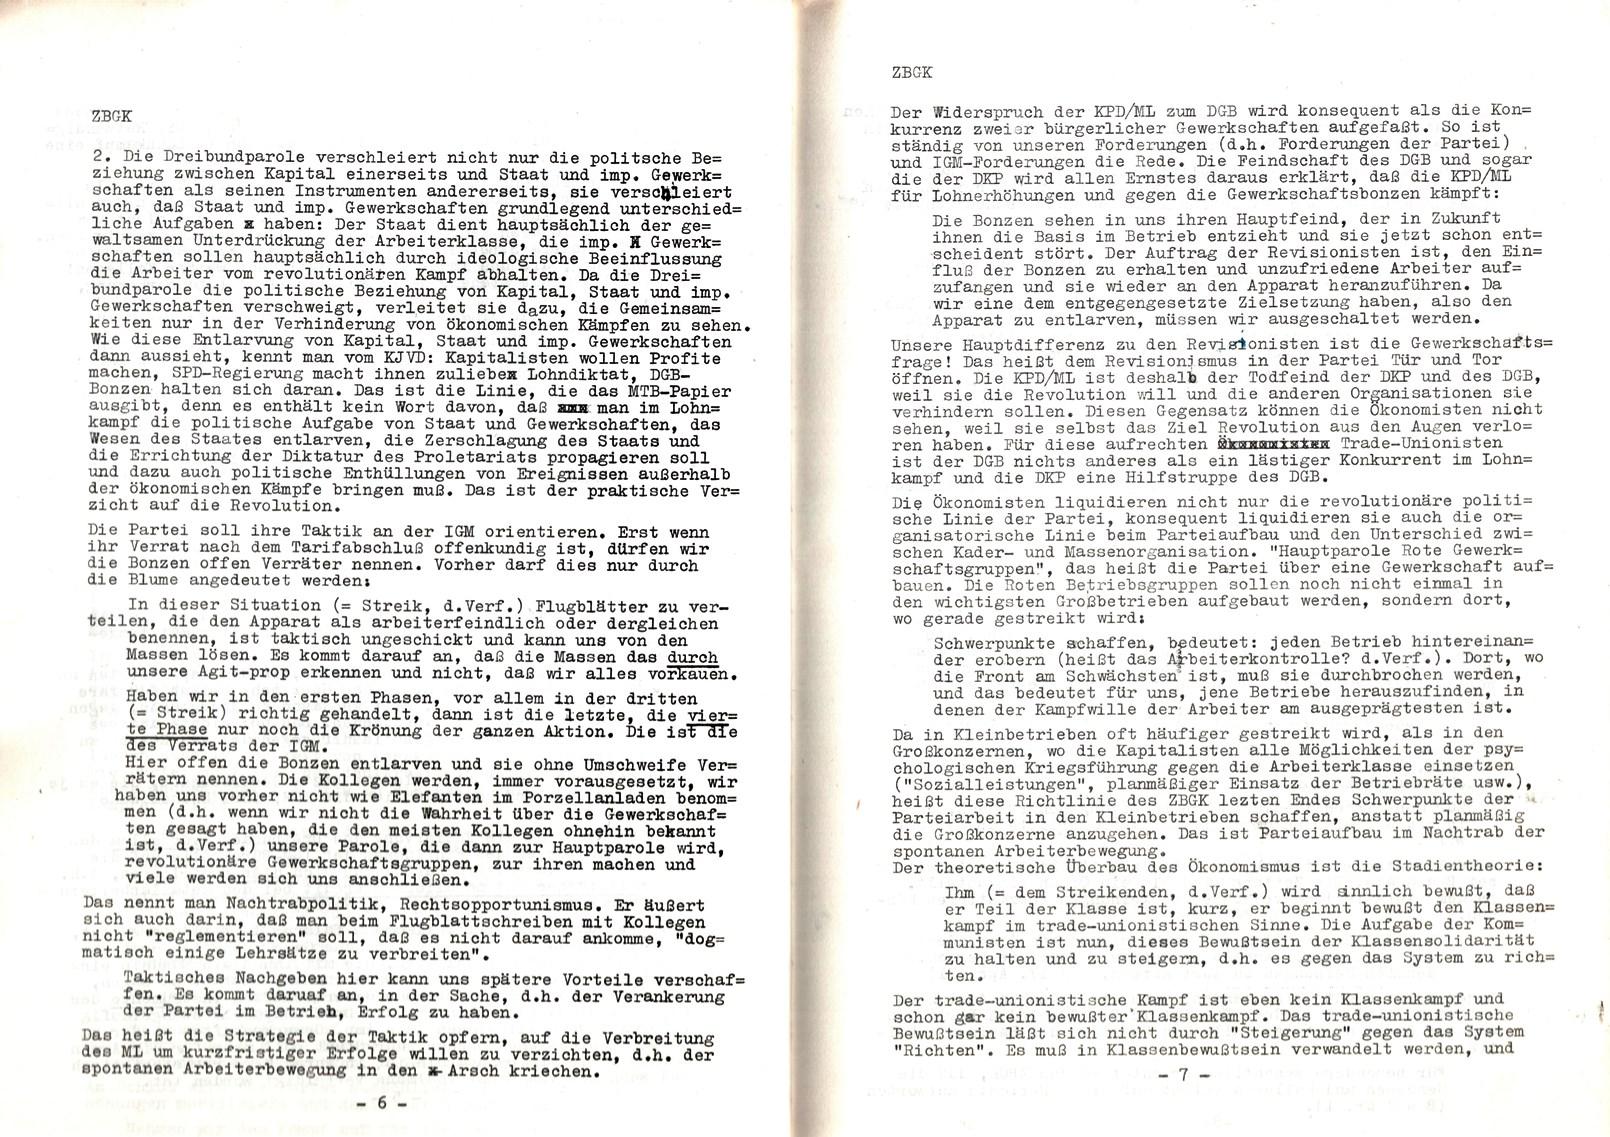 KPDML_1971_Analysen_und_Antraege_des_LV_Sued_West_025